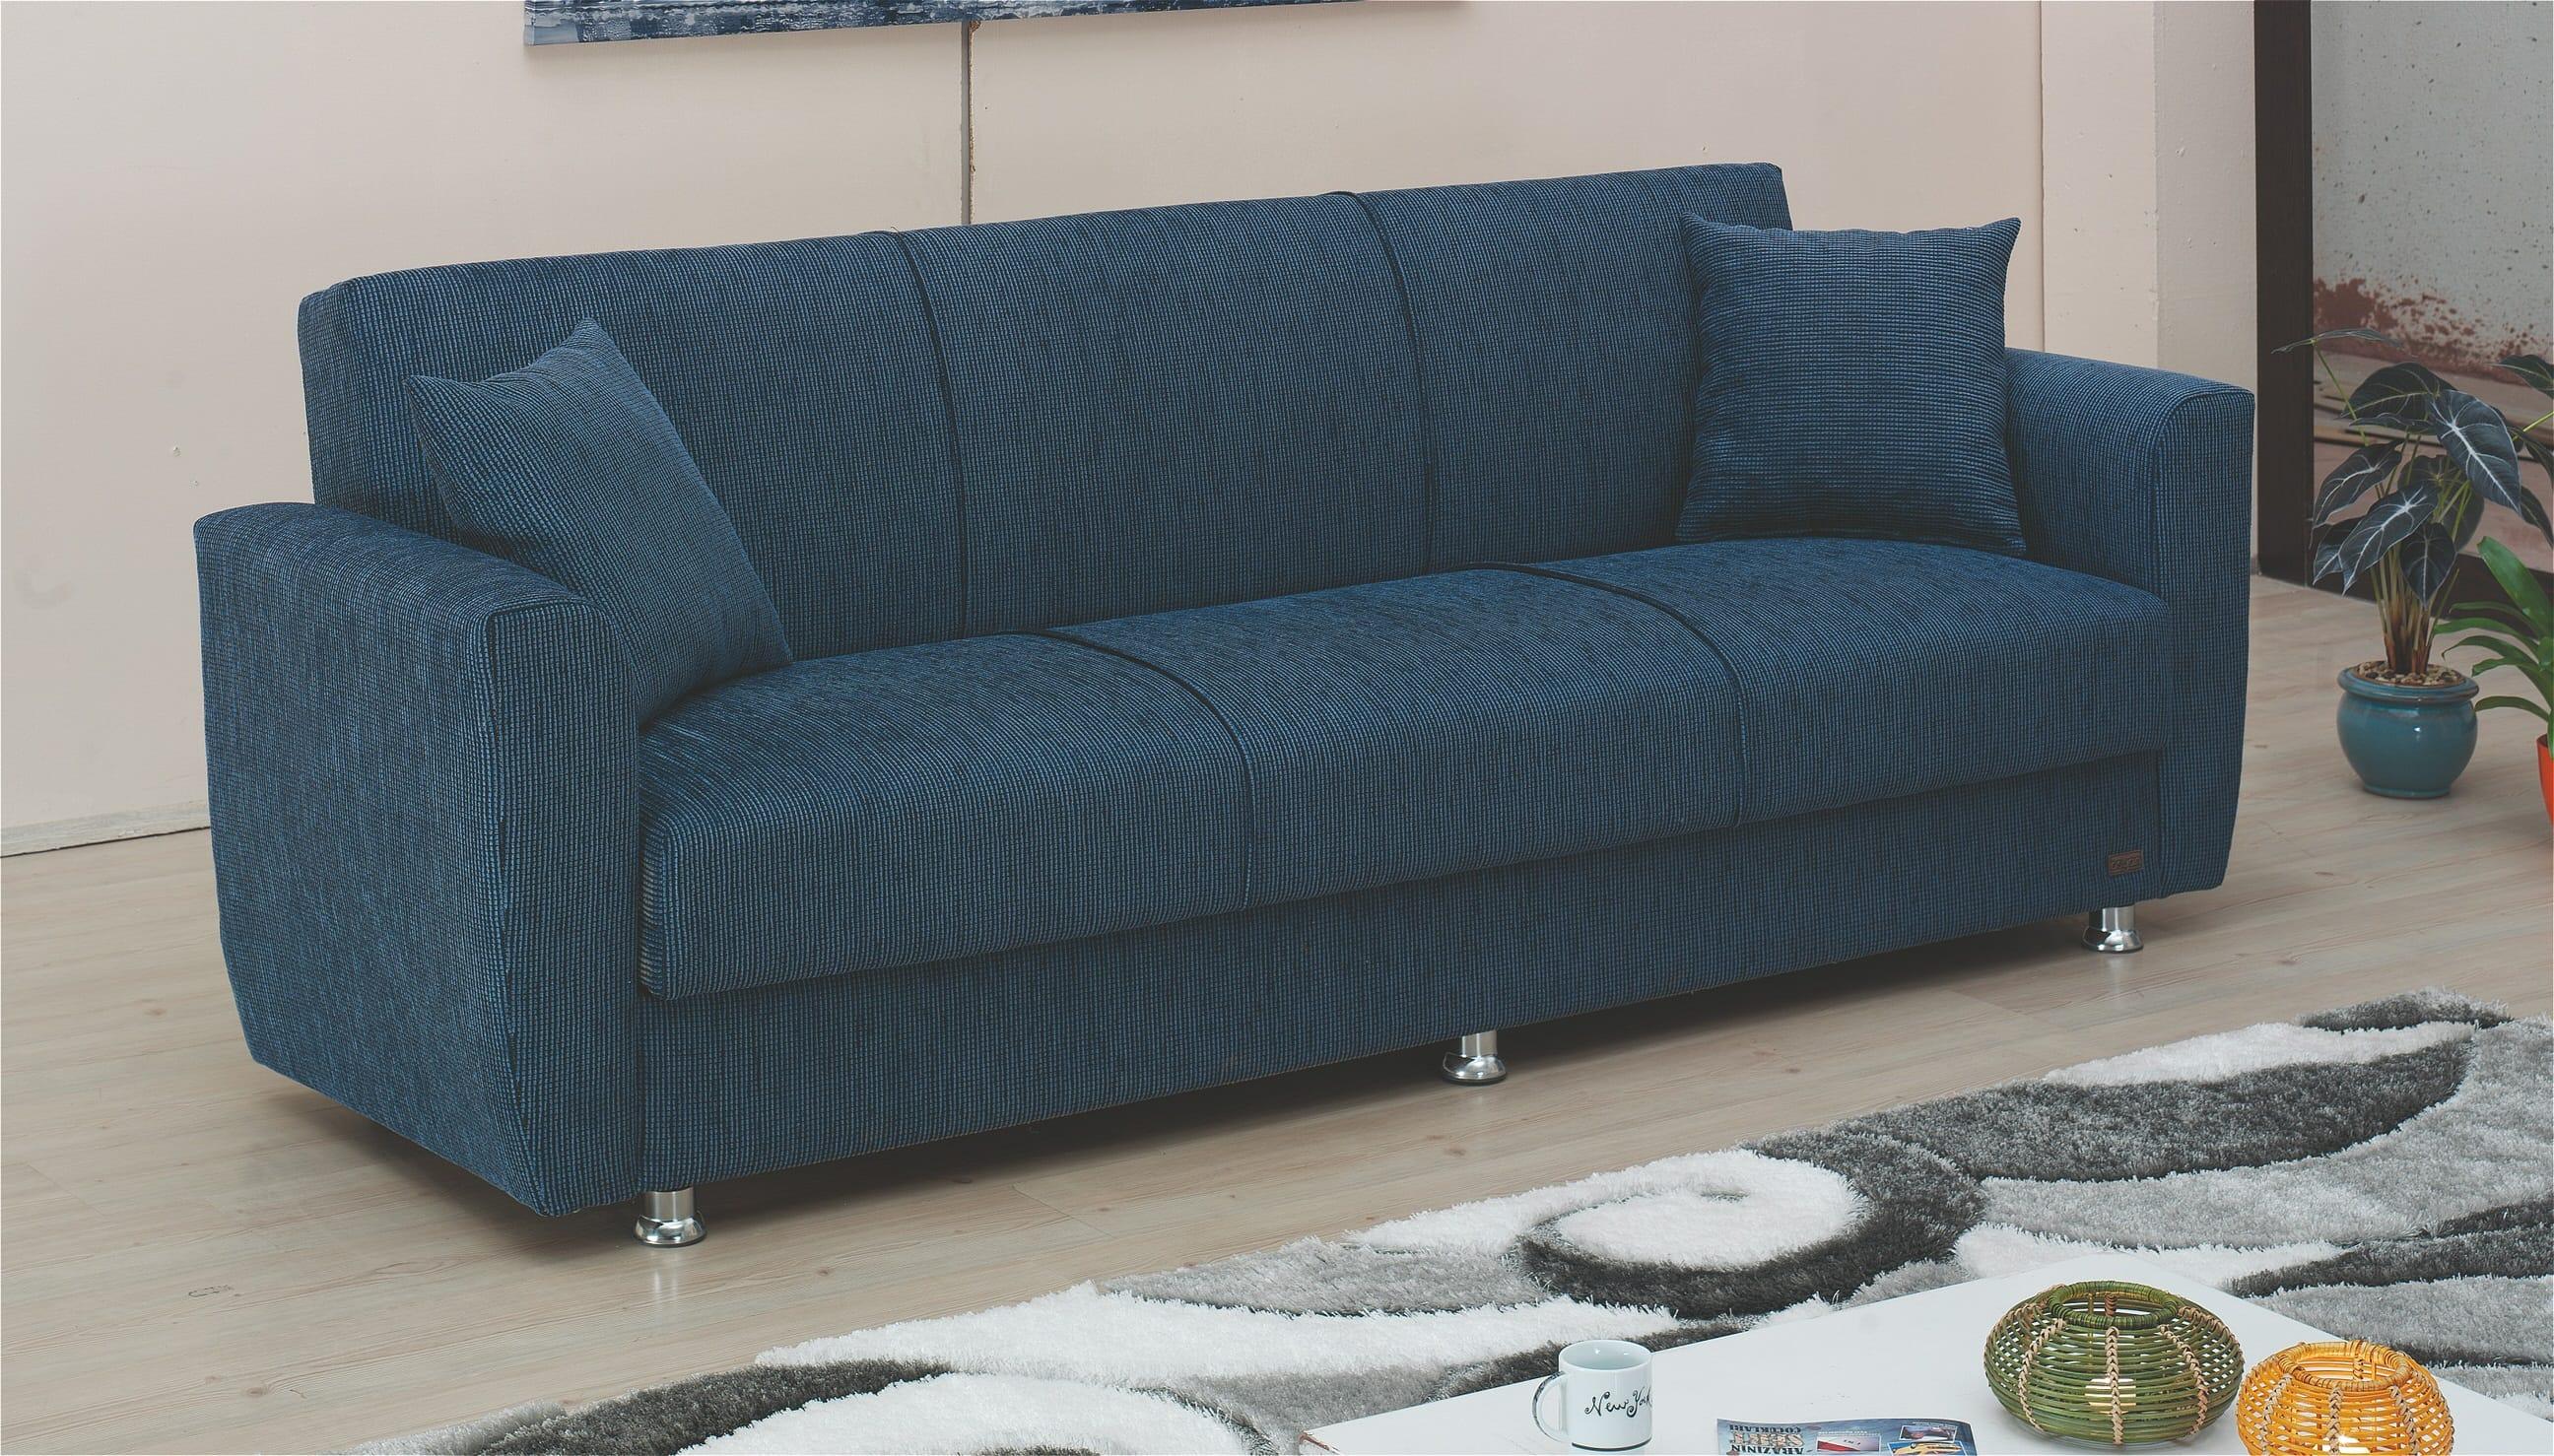 Miami Sofa Bed by Empire Furniture USA